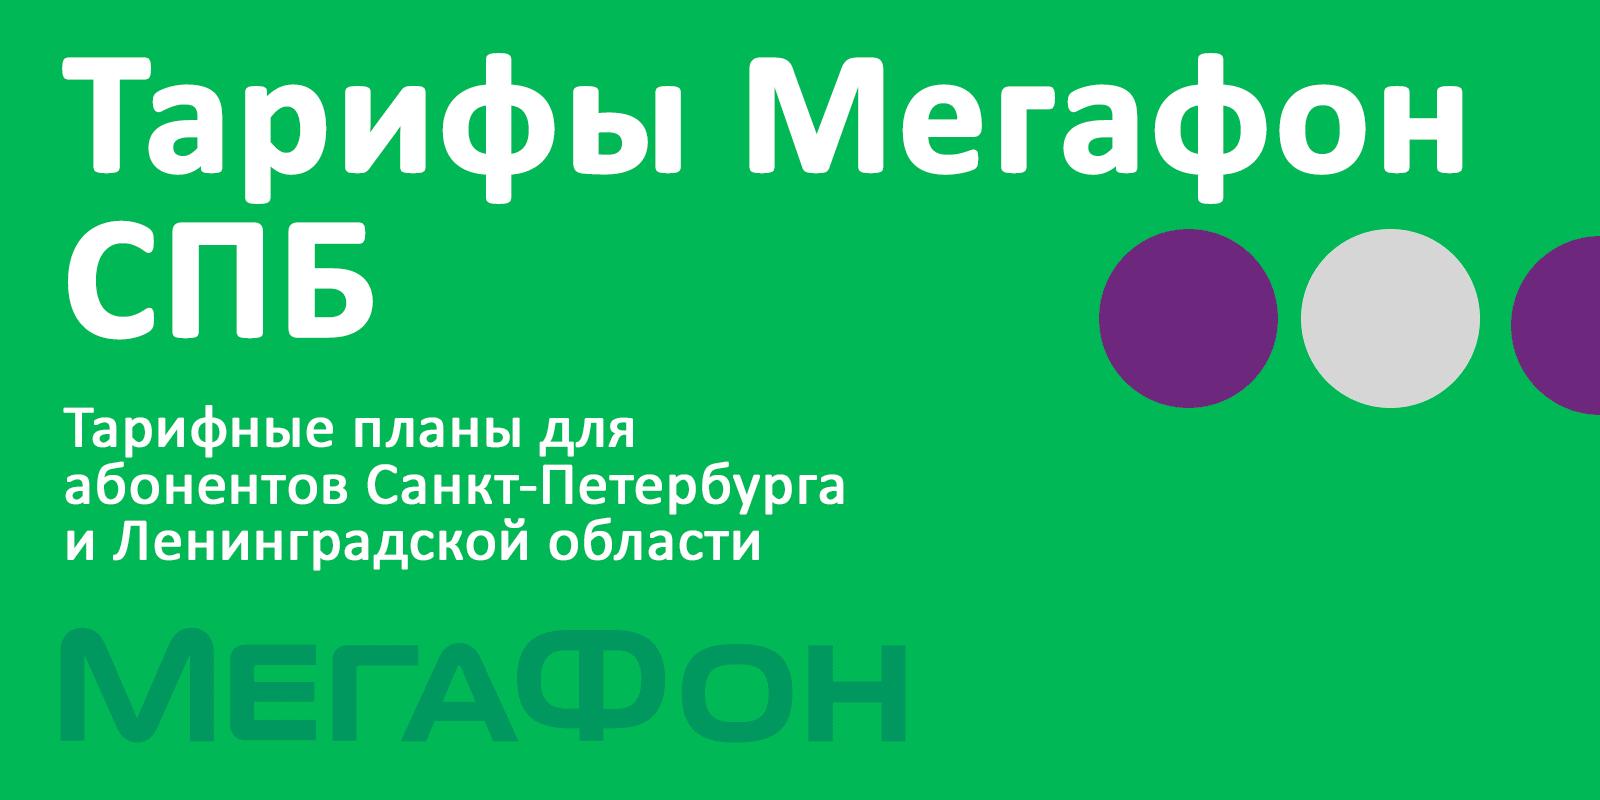 Тарифы Мегафон Спб и Ленинградская область